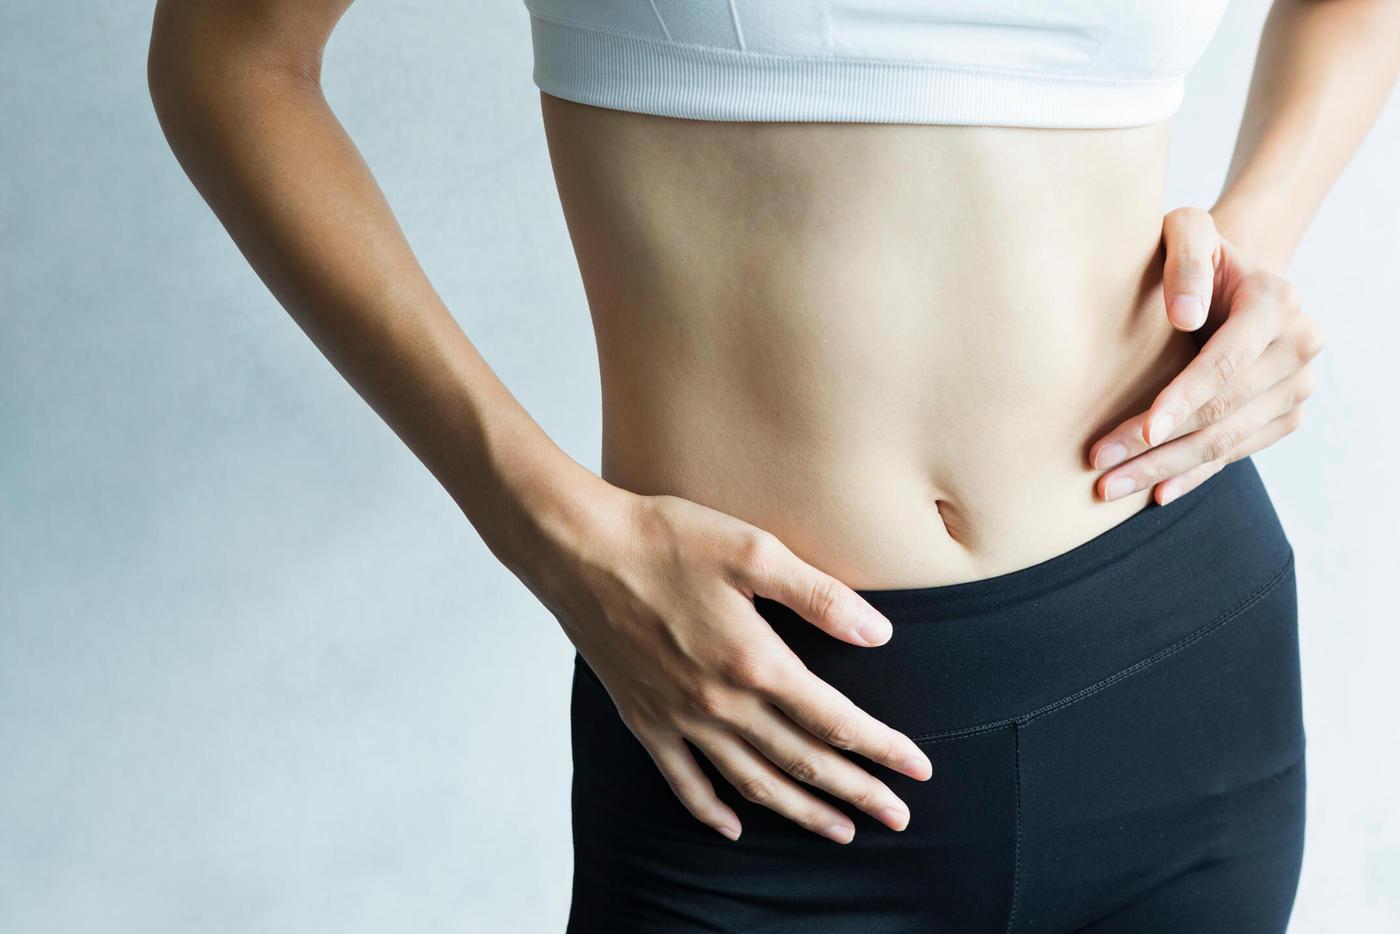 腹筋は4つの筋肉に分けて効率的にダイエット! | LIFE STYLE | SANYO ...